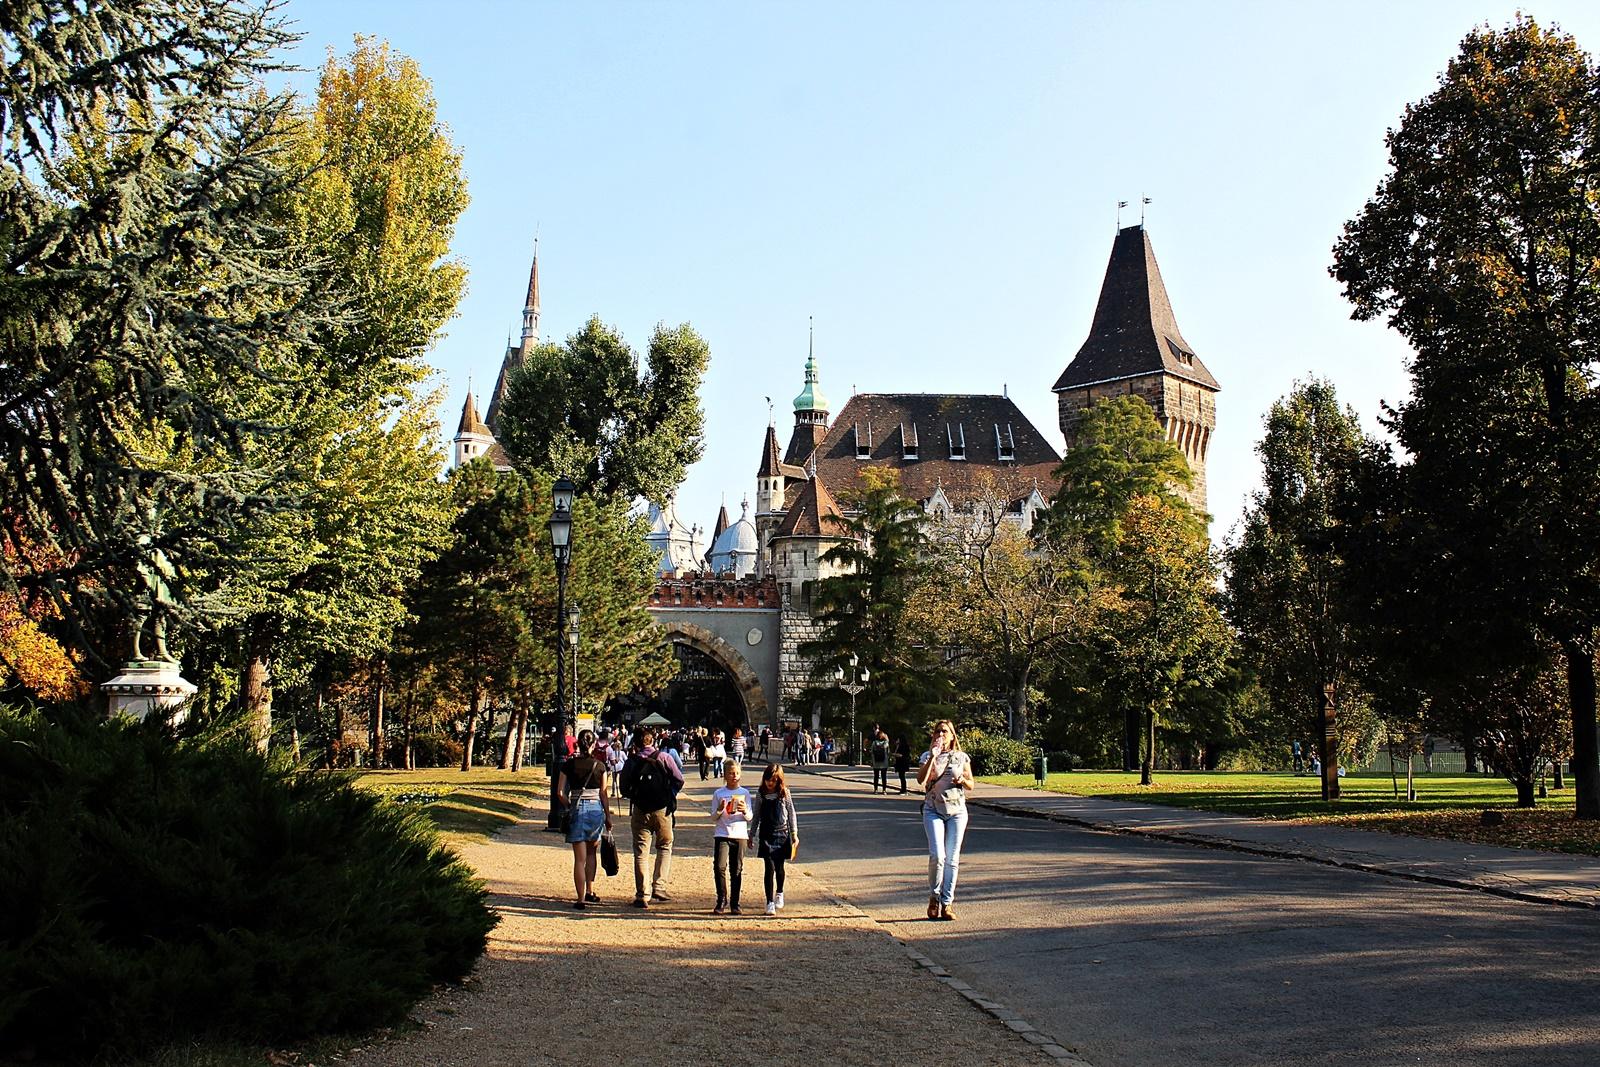 citypark-varosliget-budapest-mysecretbudapest-2.JPG